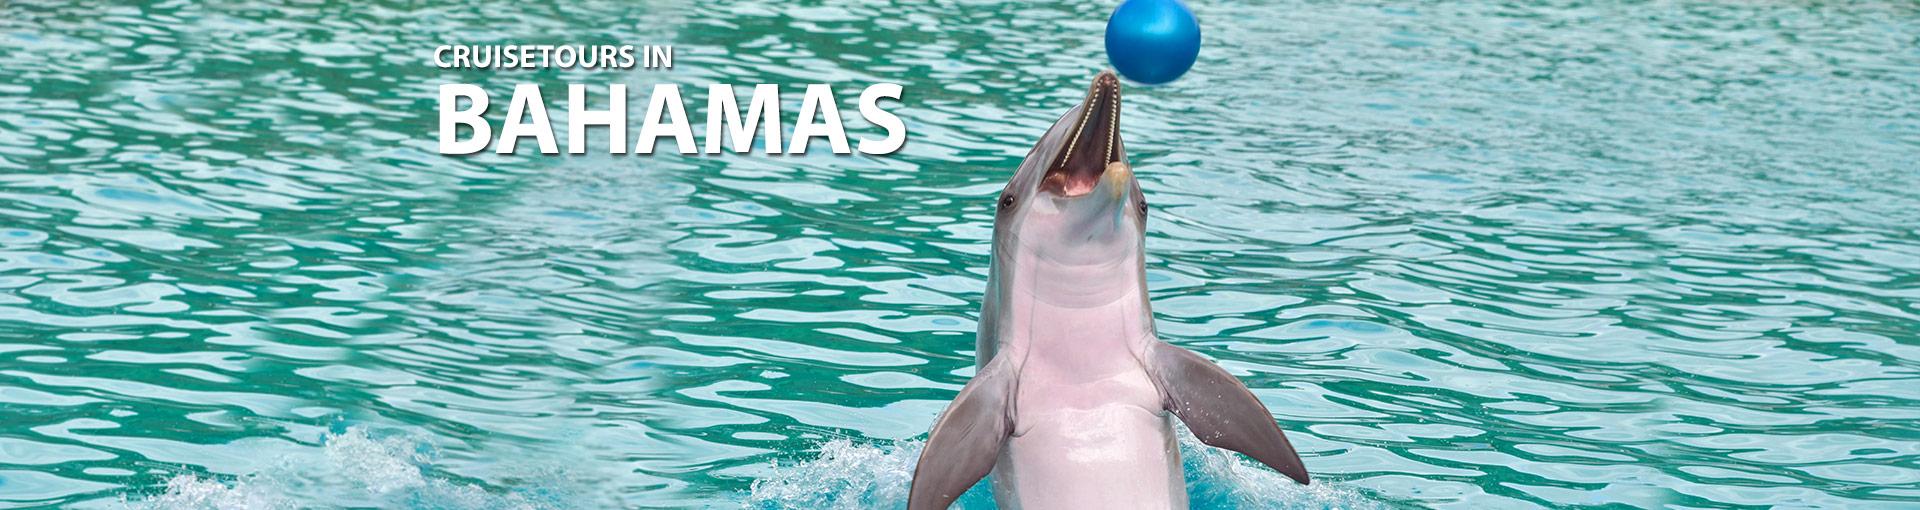 Bahamas Cruisetours